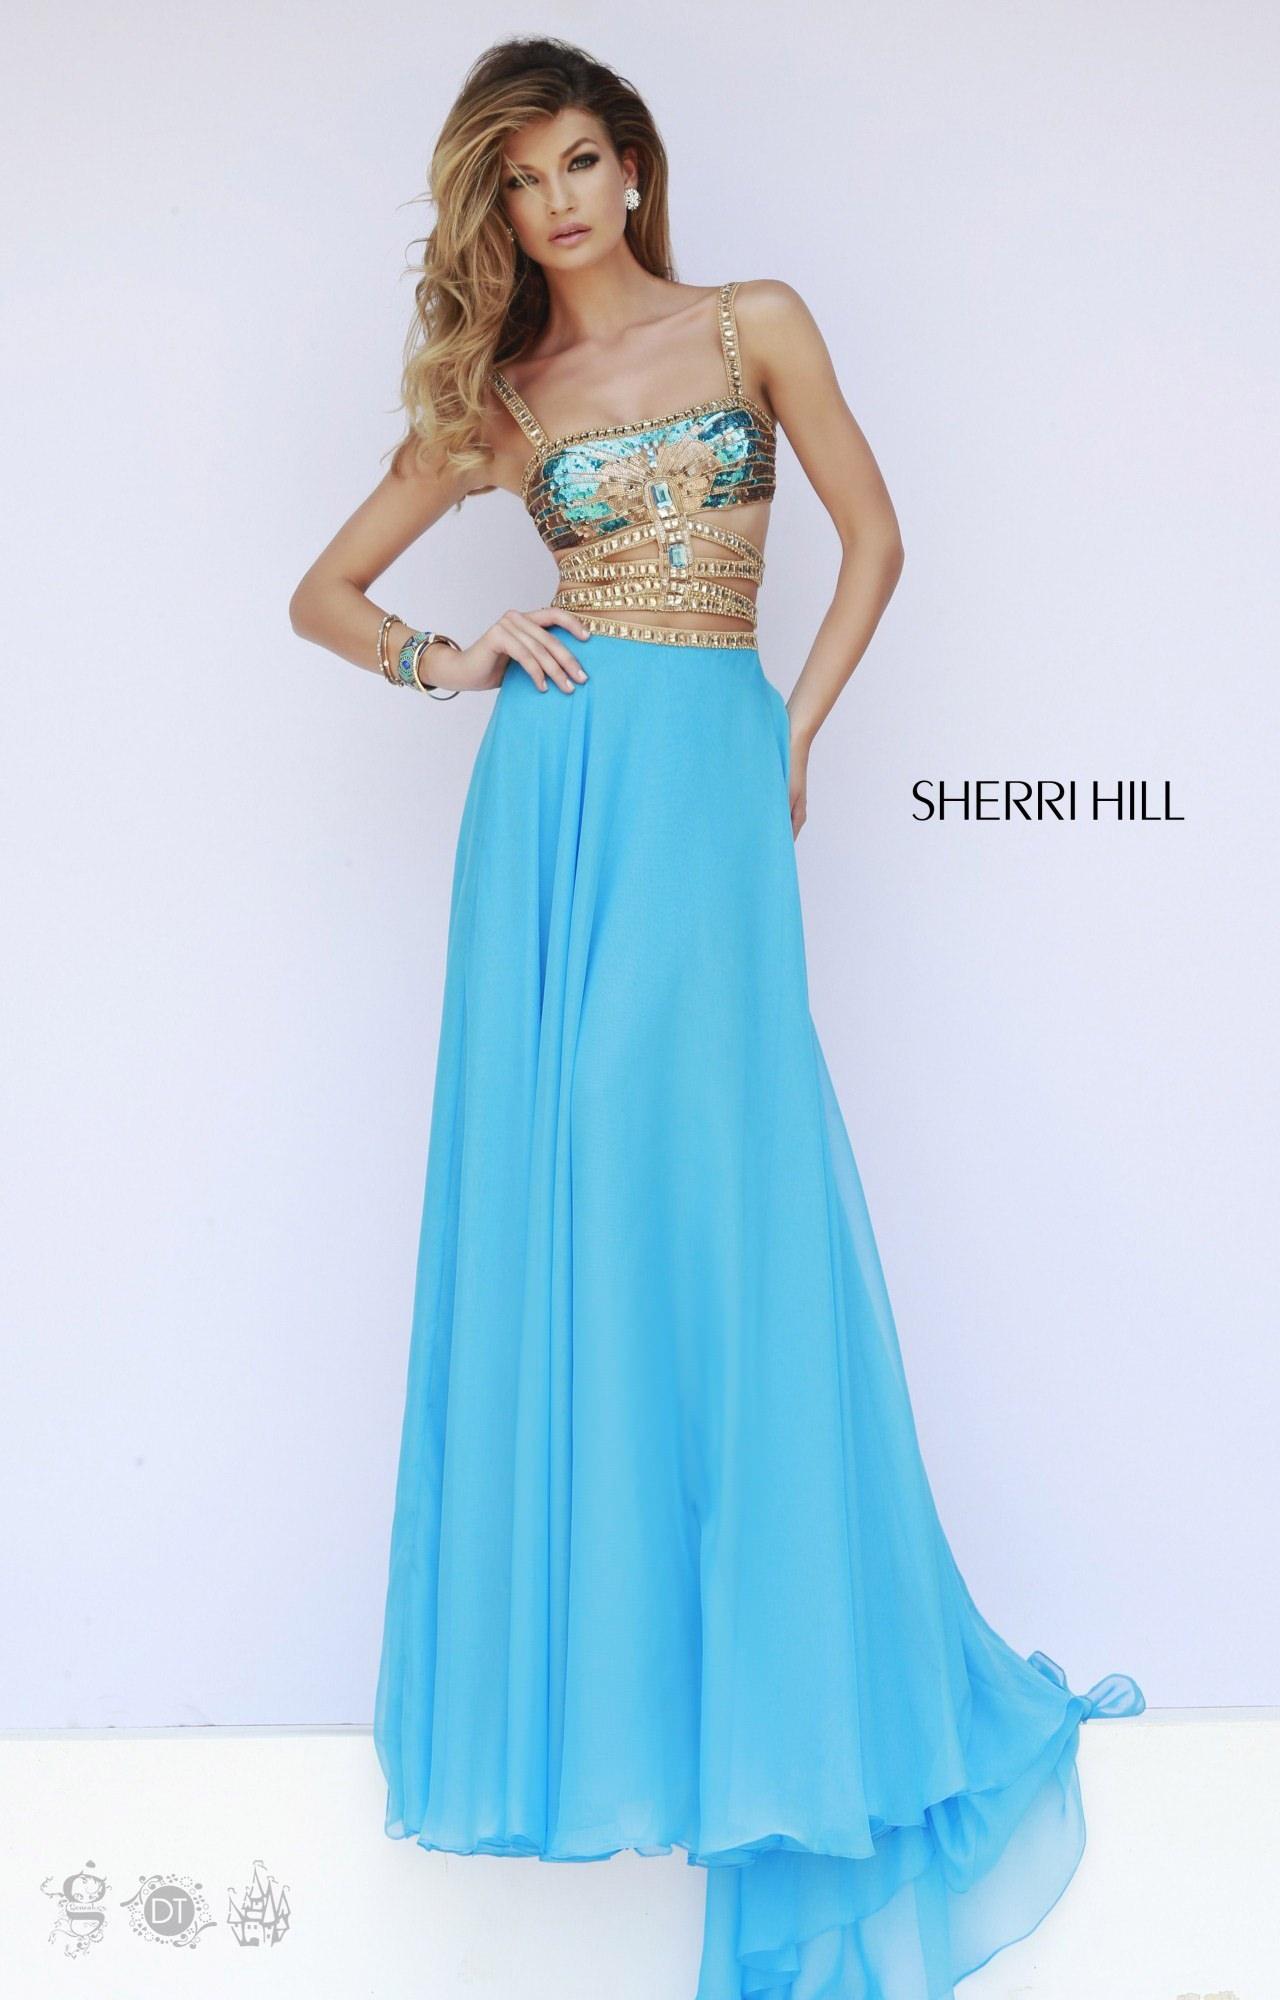 Sherri Hill 32134 - Aztec Chiffon Dress Prom Dress